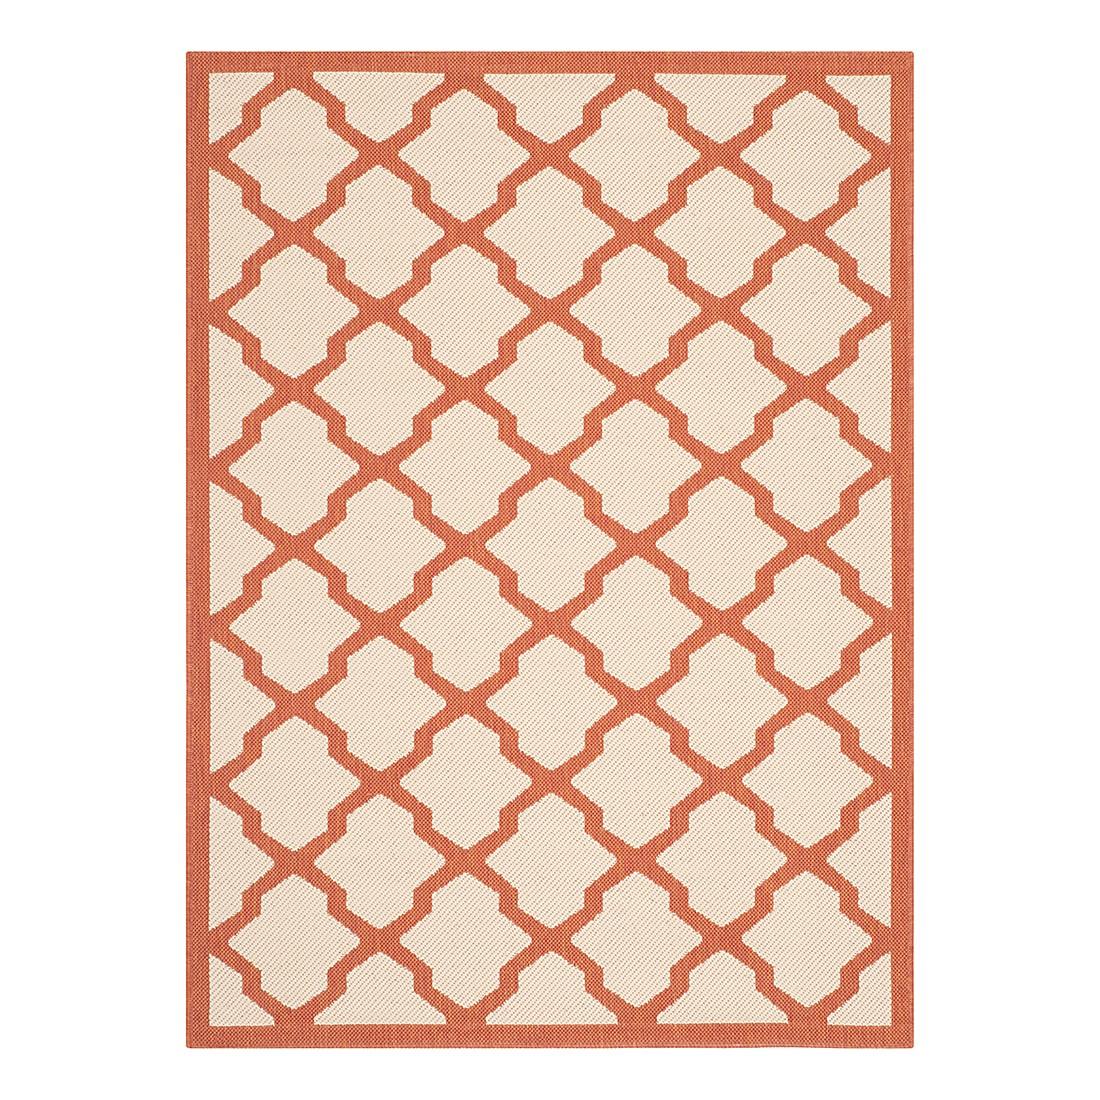 In-/Outdoorteppich Samanna – Beige/Terracotta – Maße: 200 x 289 cm, Safavieh jetzt kaufen